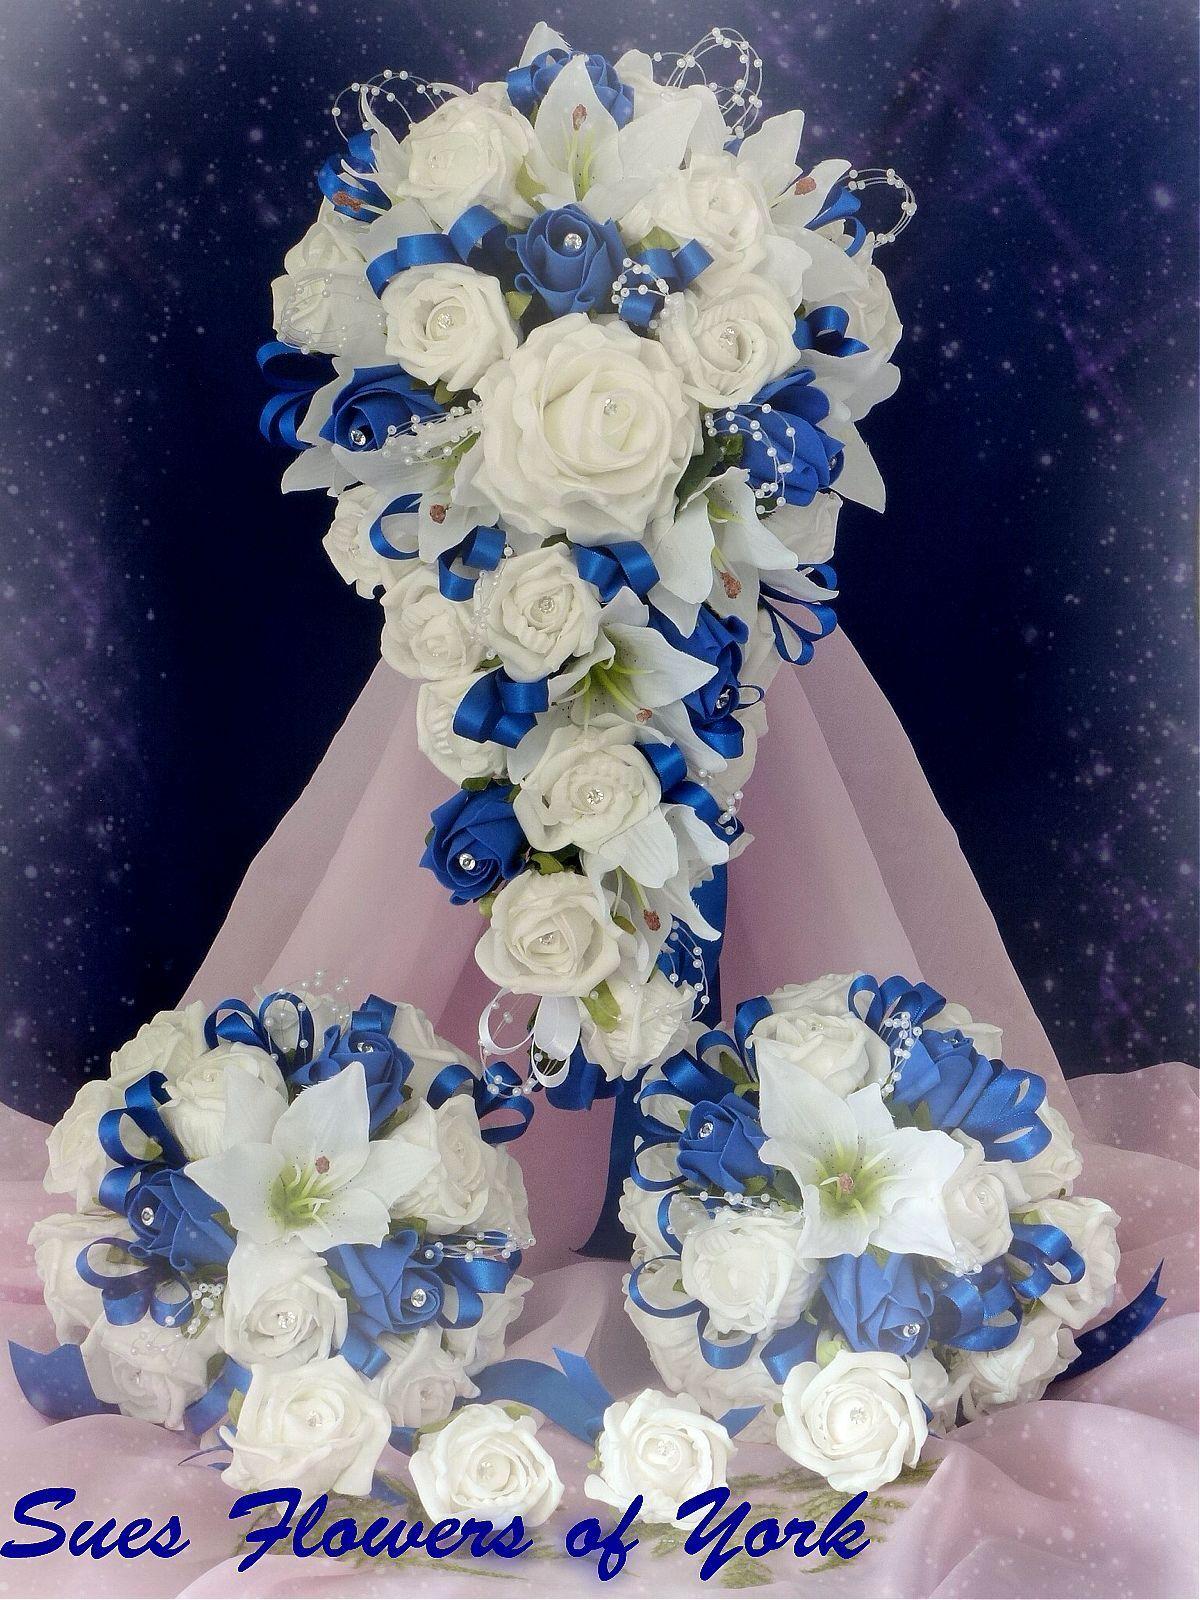 Mariage Fleurs Set Royal Bleu & Blanc Roses 1 mariée 2 demoiselles d'honneur 6 boutonnières